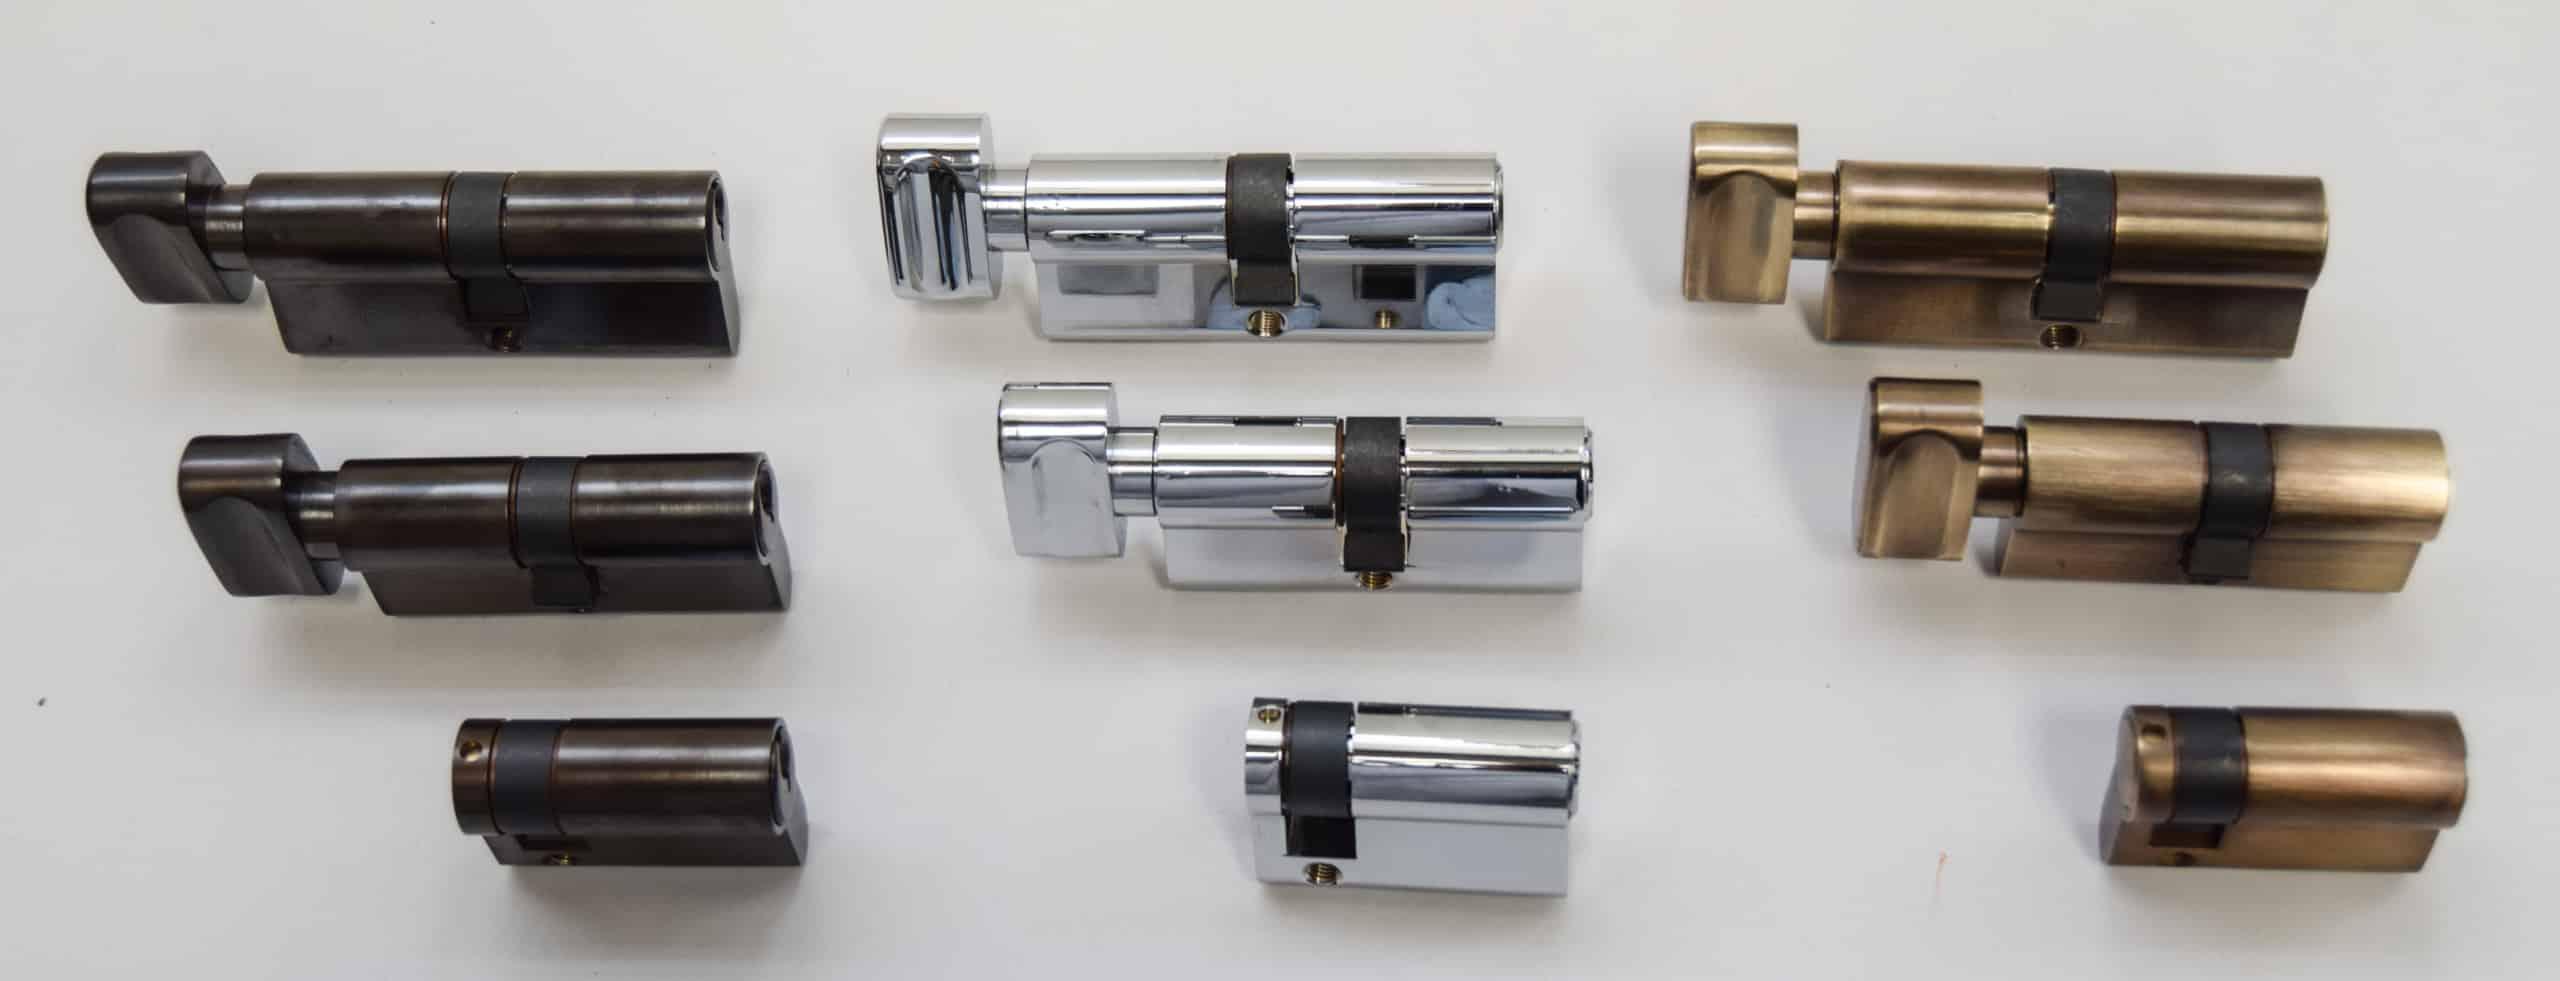 Master Key Systems Euro Cylinder Sizes